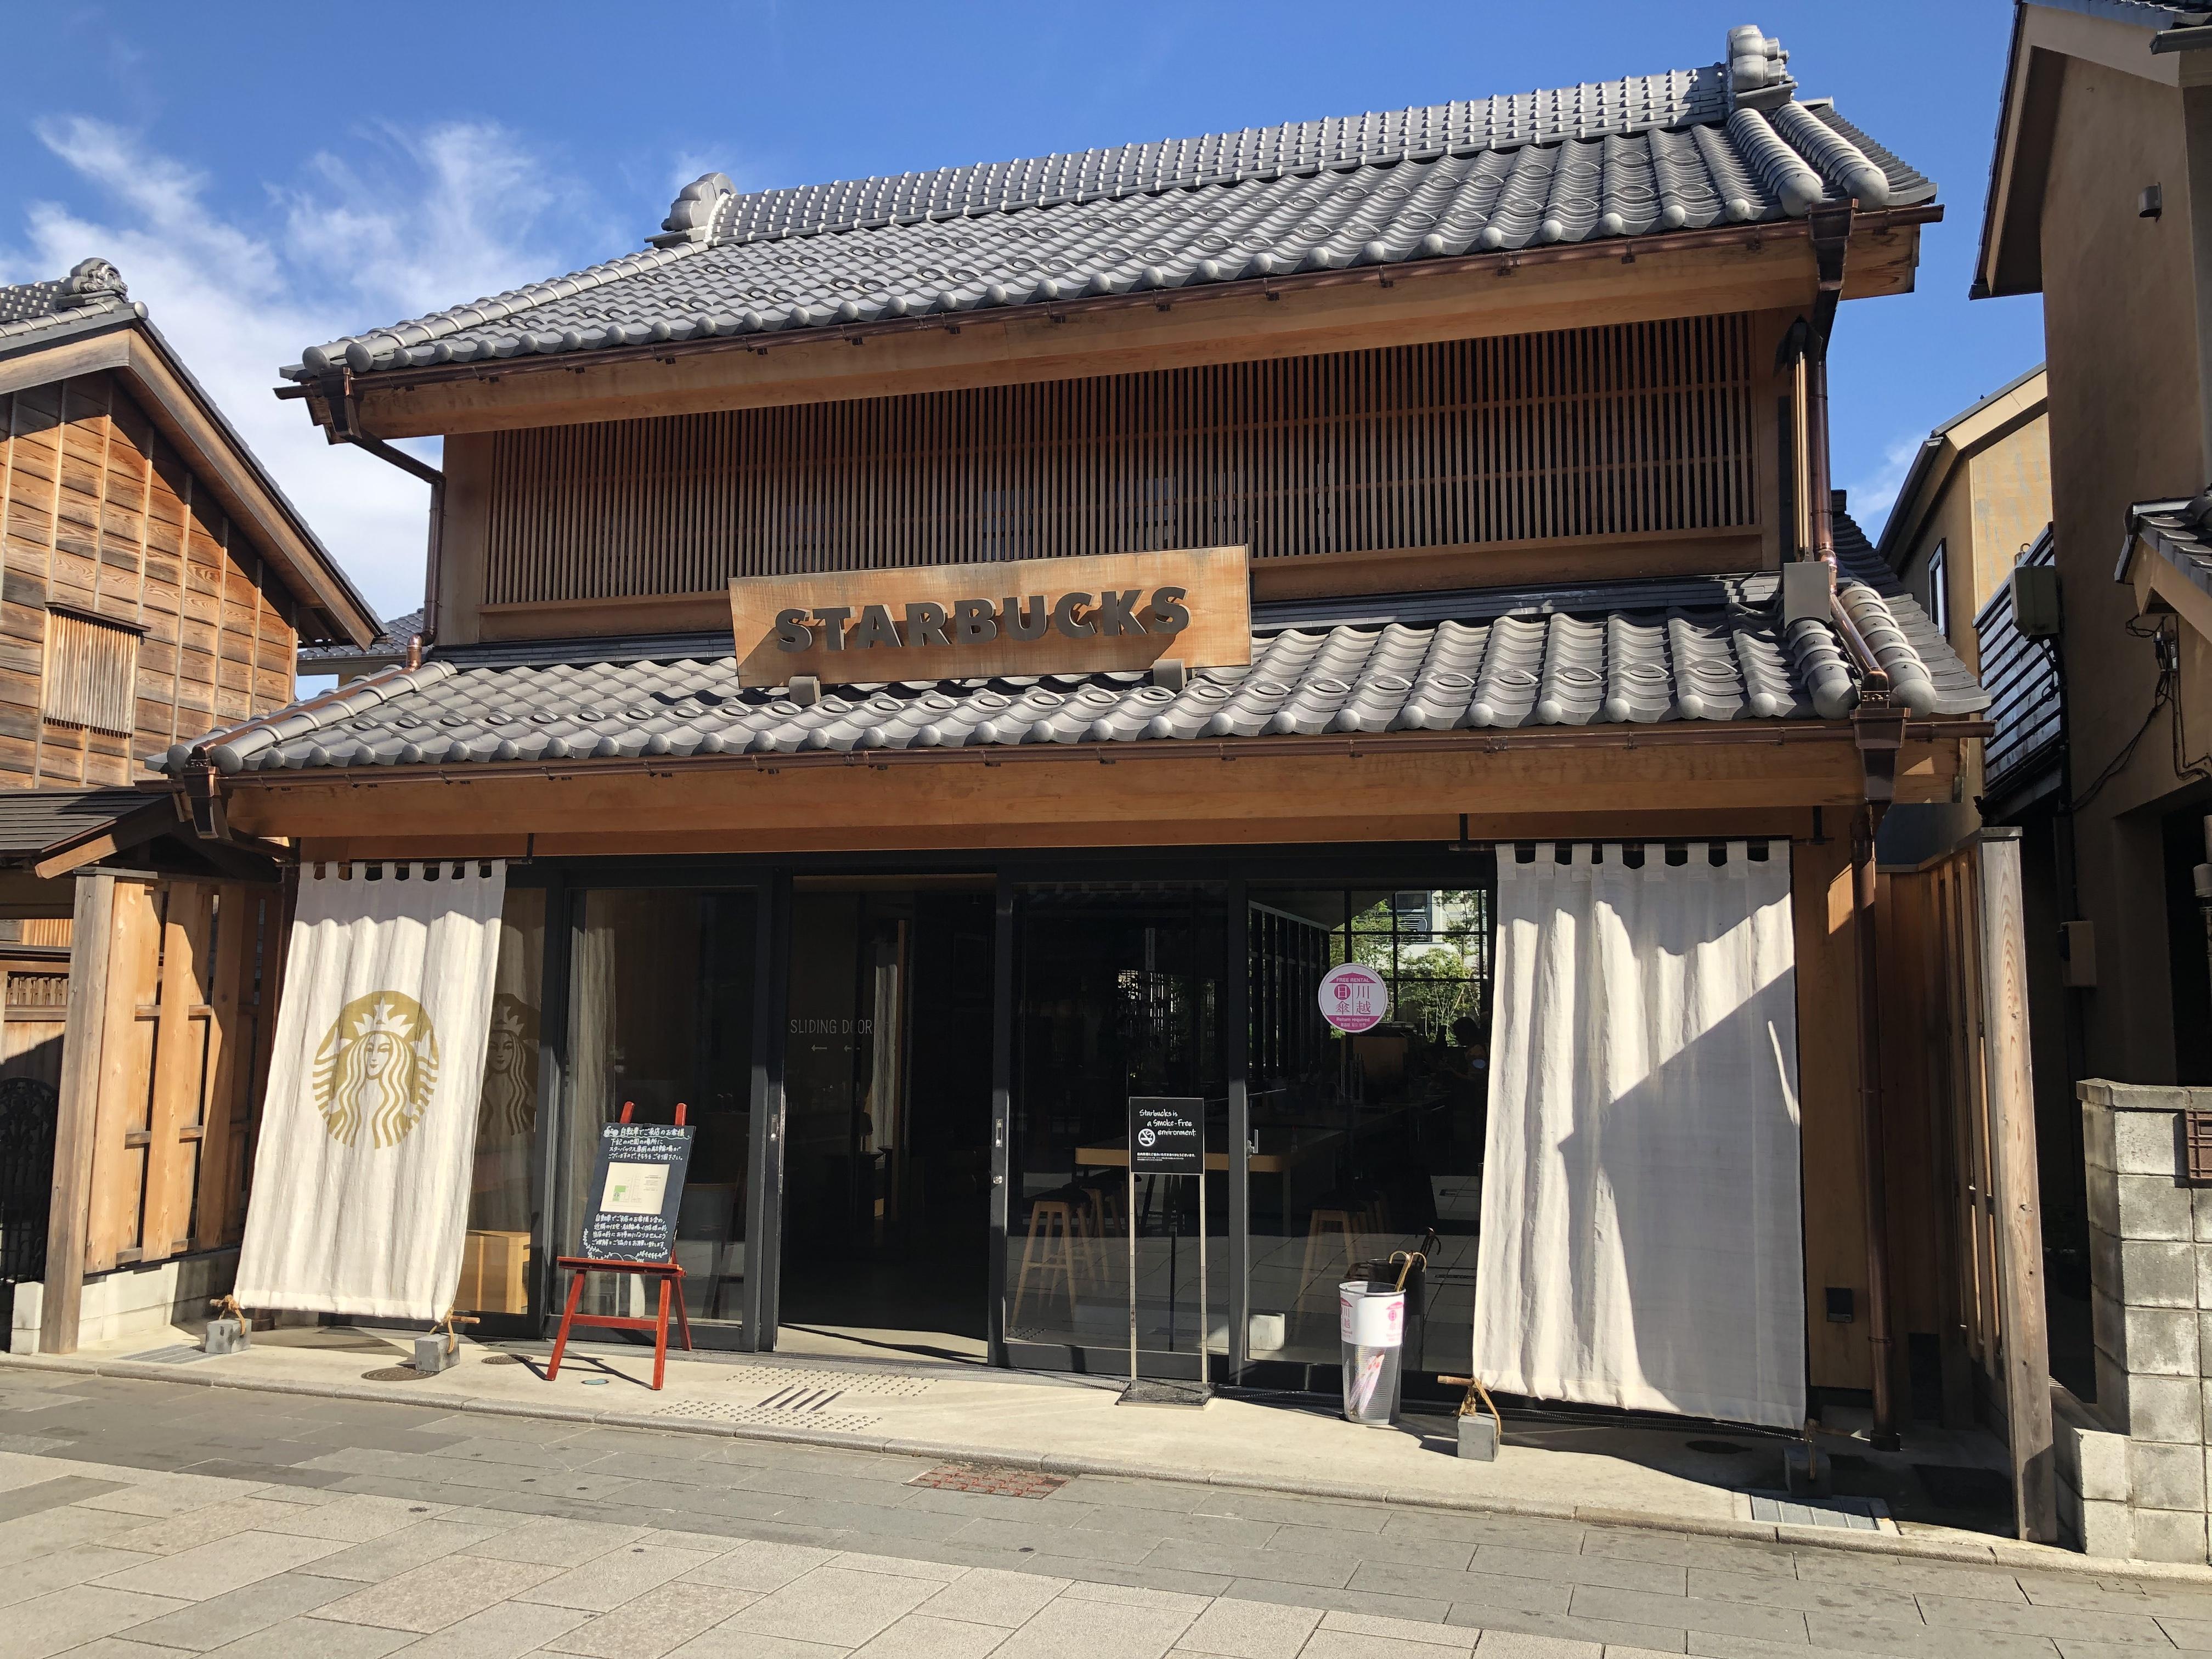 【川越】鐘つき通りスターバックス店は子供にも優しいモダンな店舗